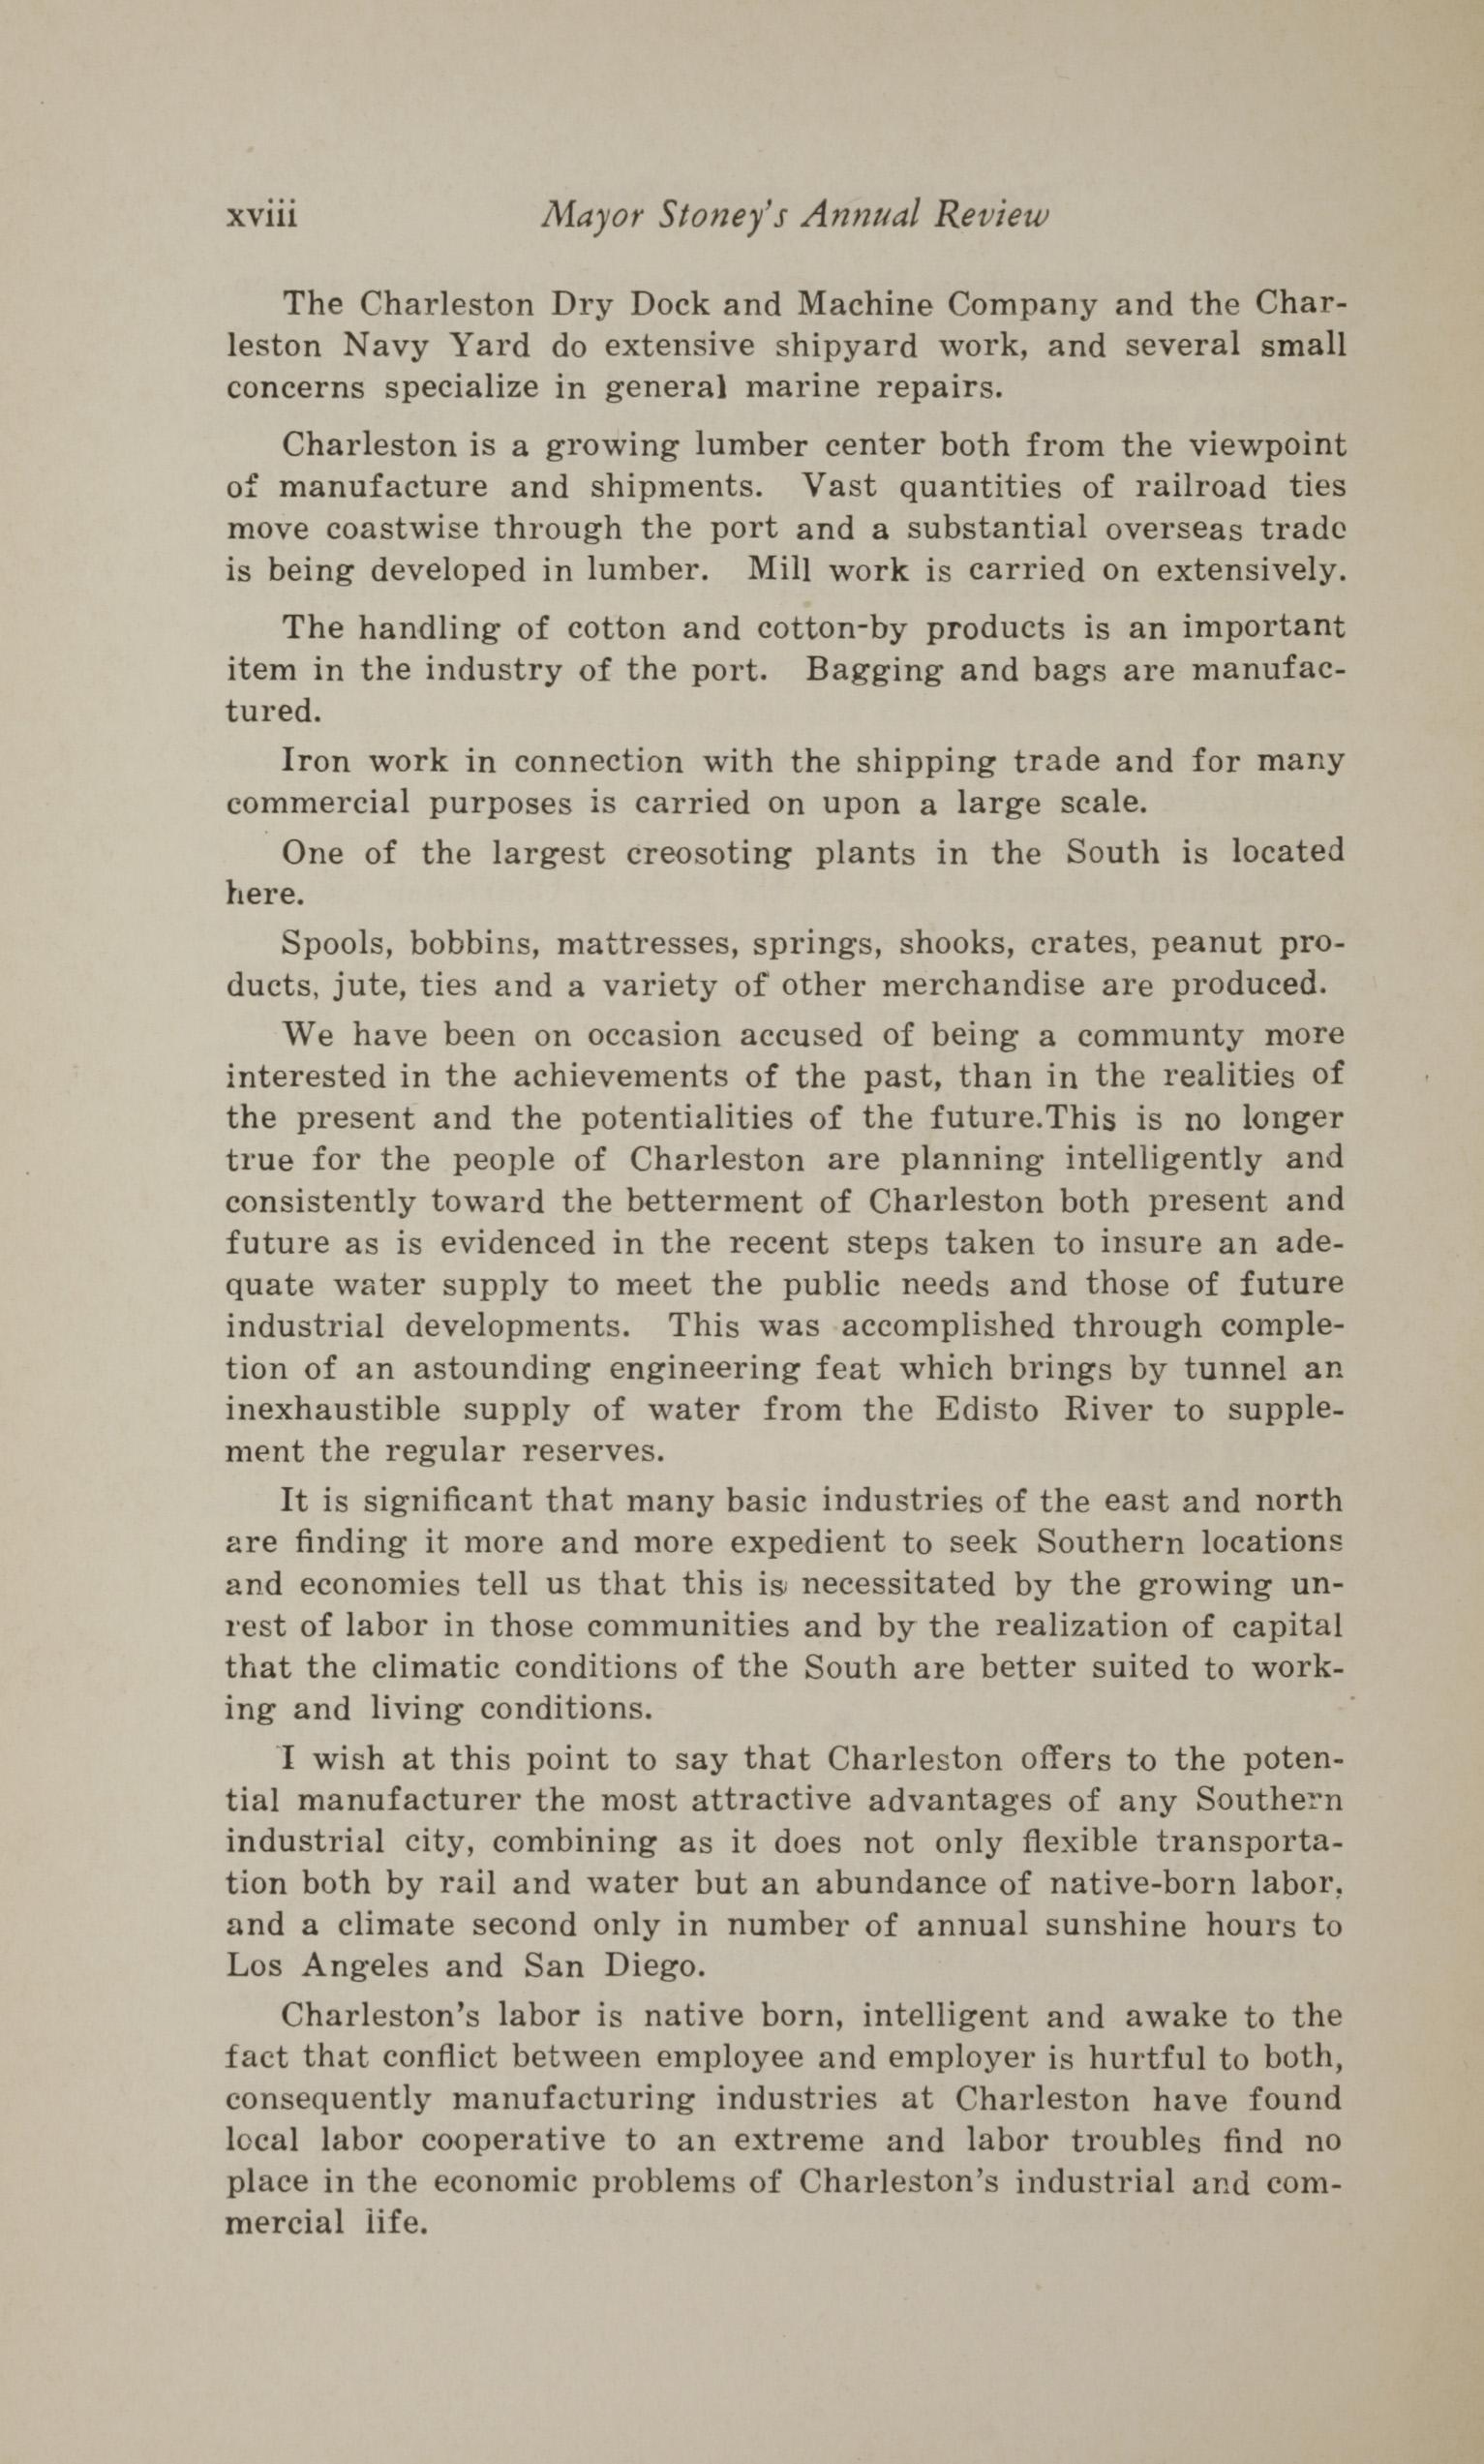 Charleston Yearbook, 1930, page xviii